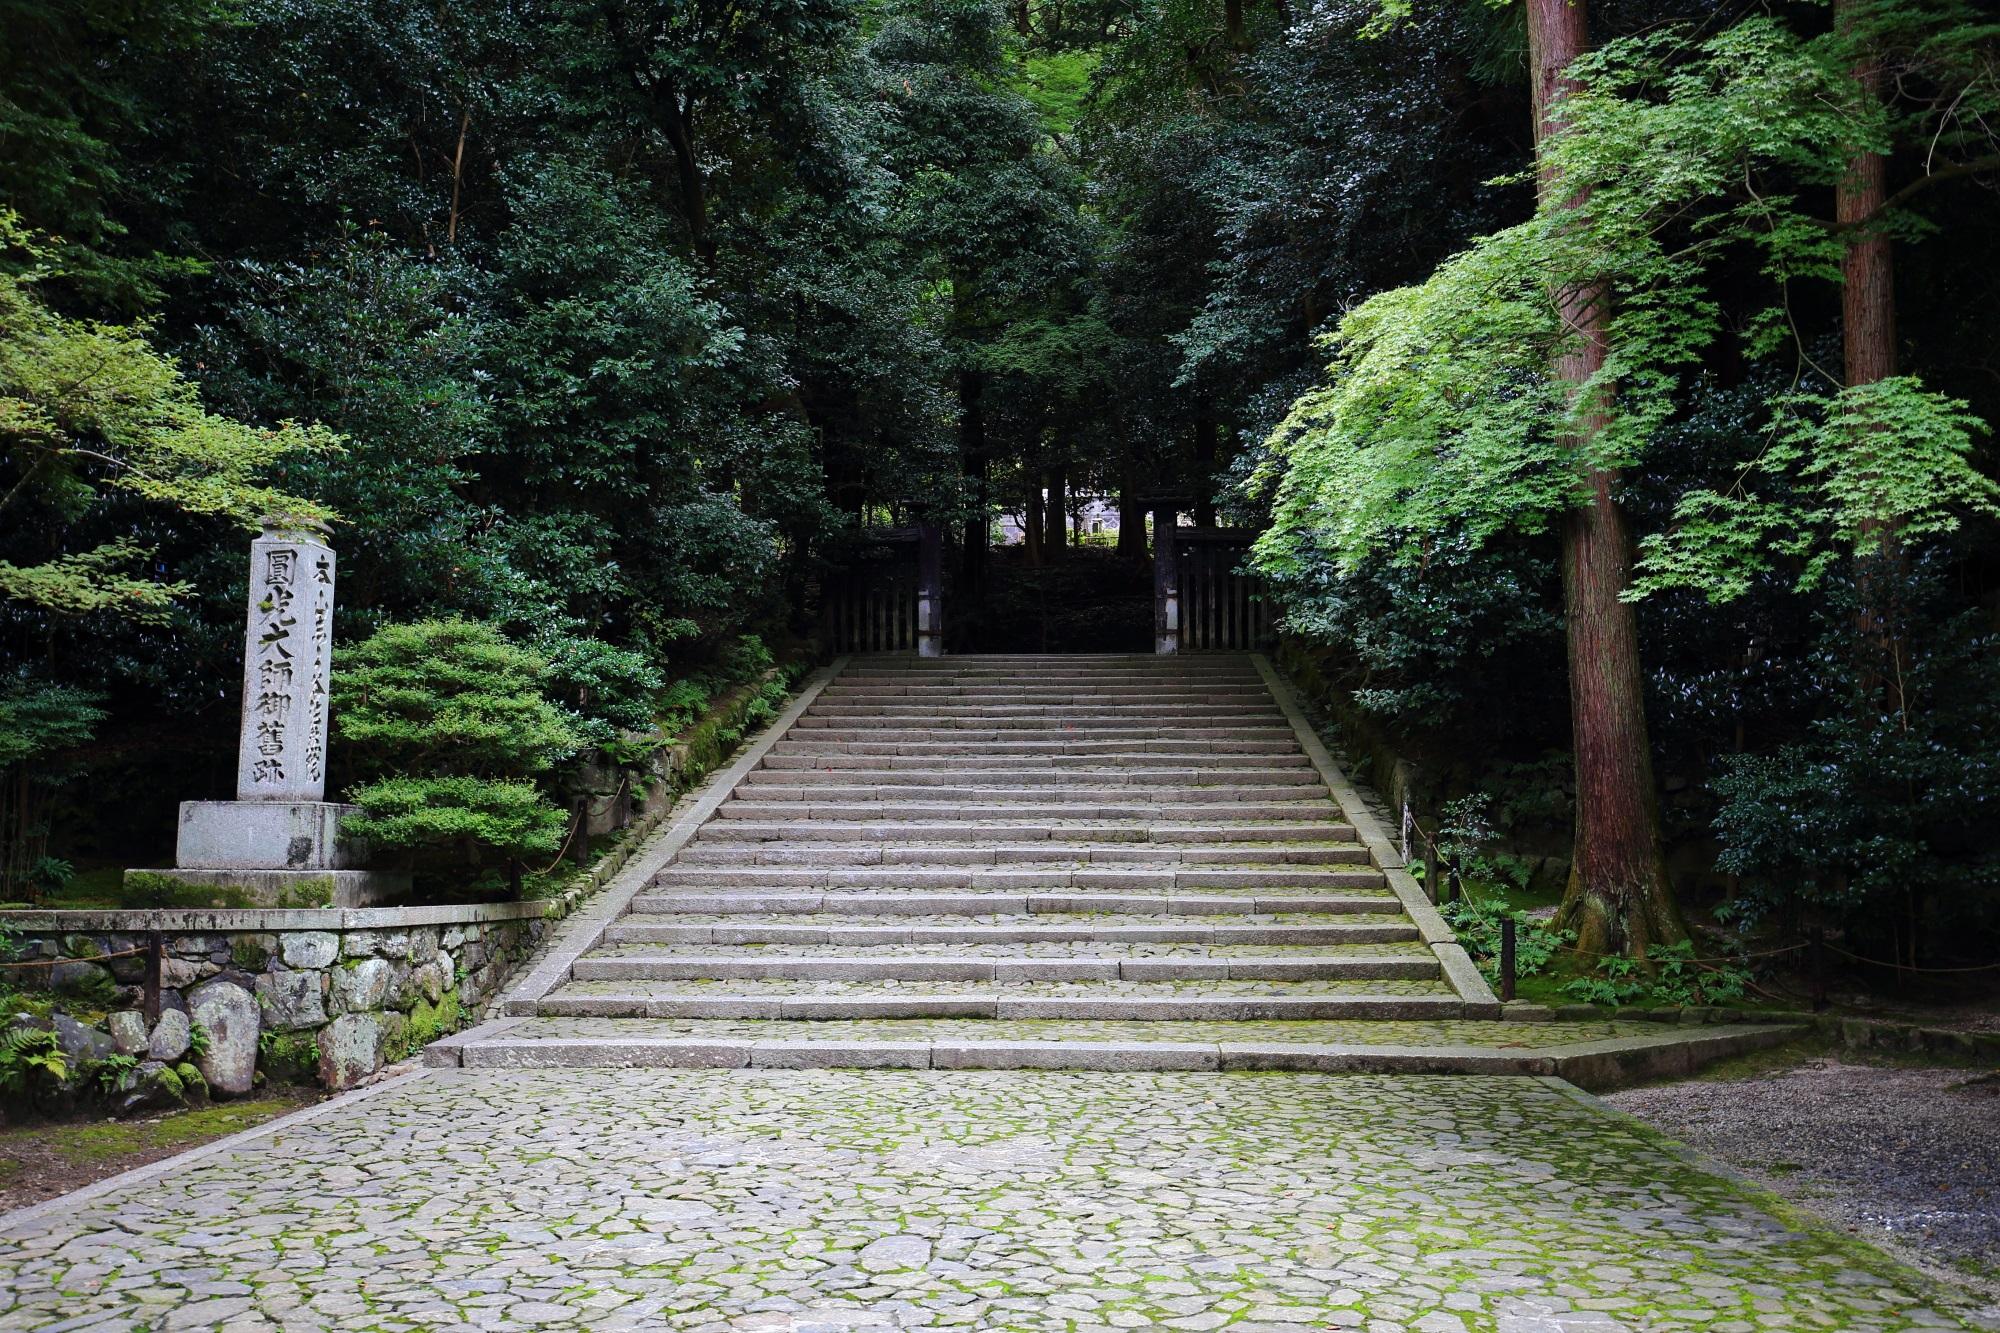 法然院の入り口の石段